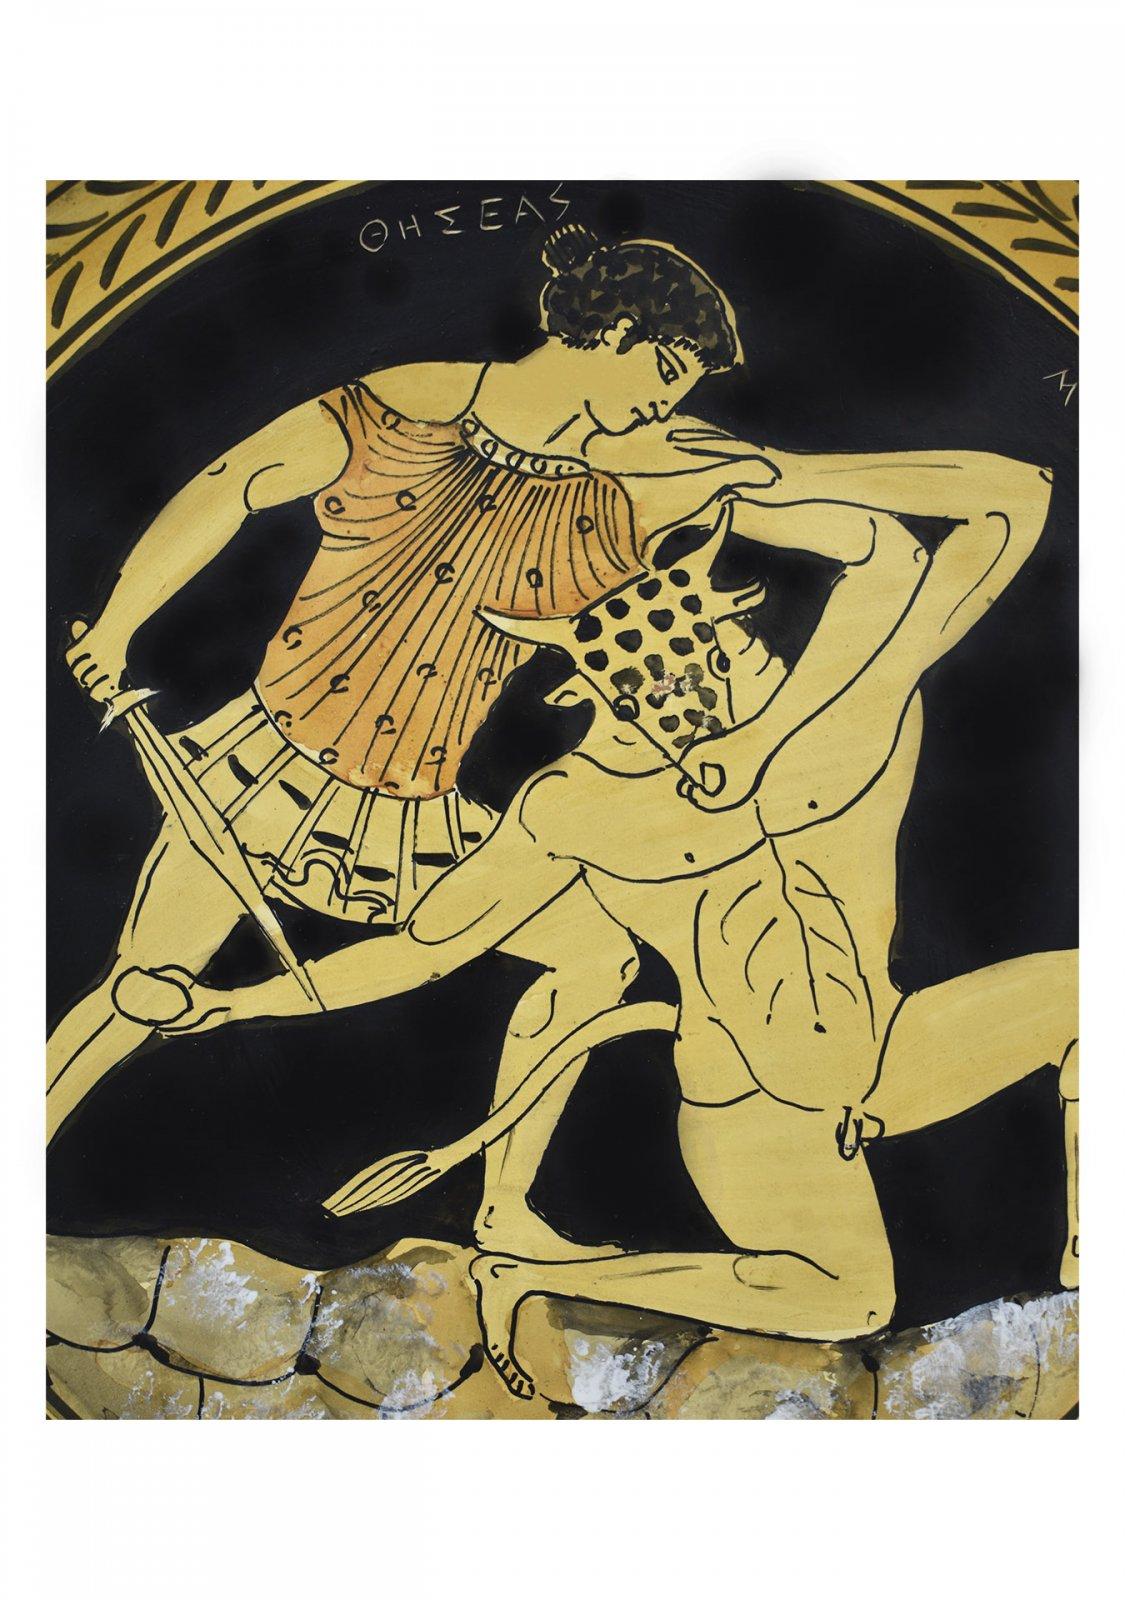 Greek ceramic plate depicting Theseus and Minotaur (24cm)